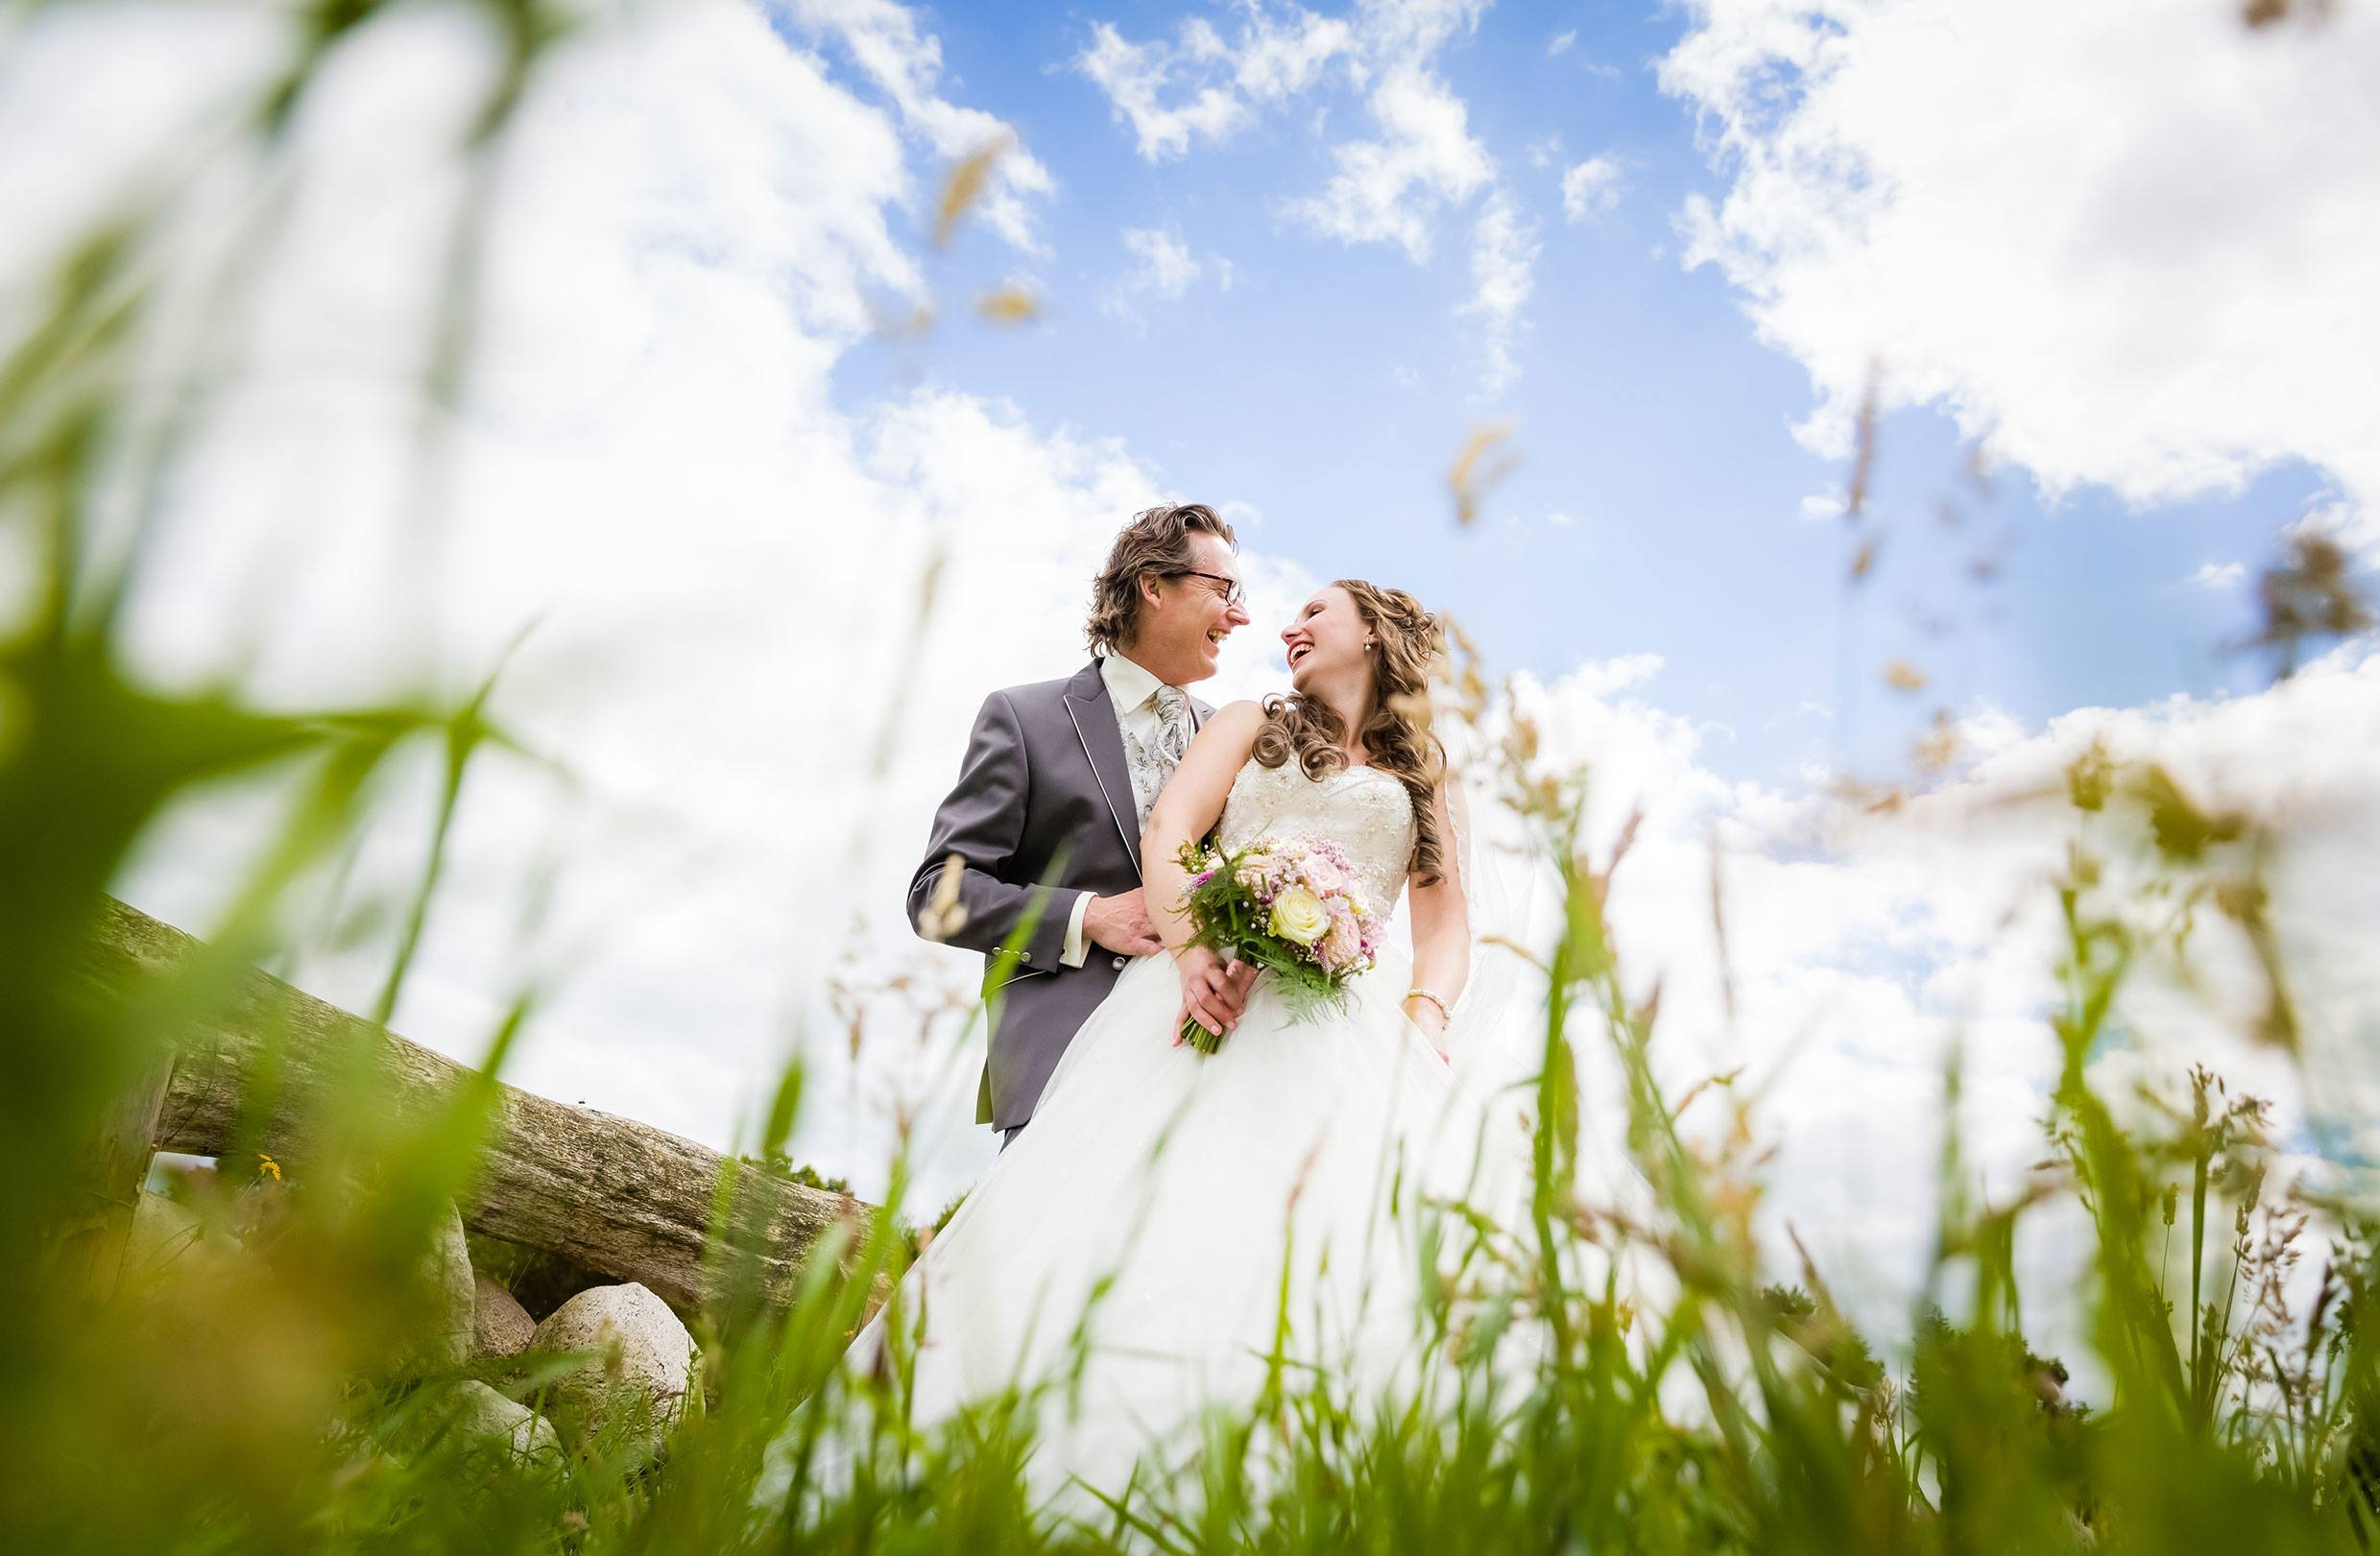 Martina-Kelder-Fotografie---bruidsfotografie---Leeuwarden---Friesland---Hans-&-Rosa